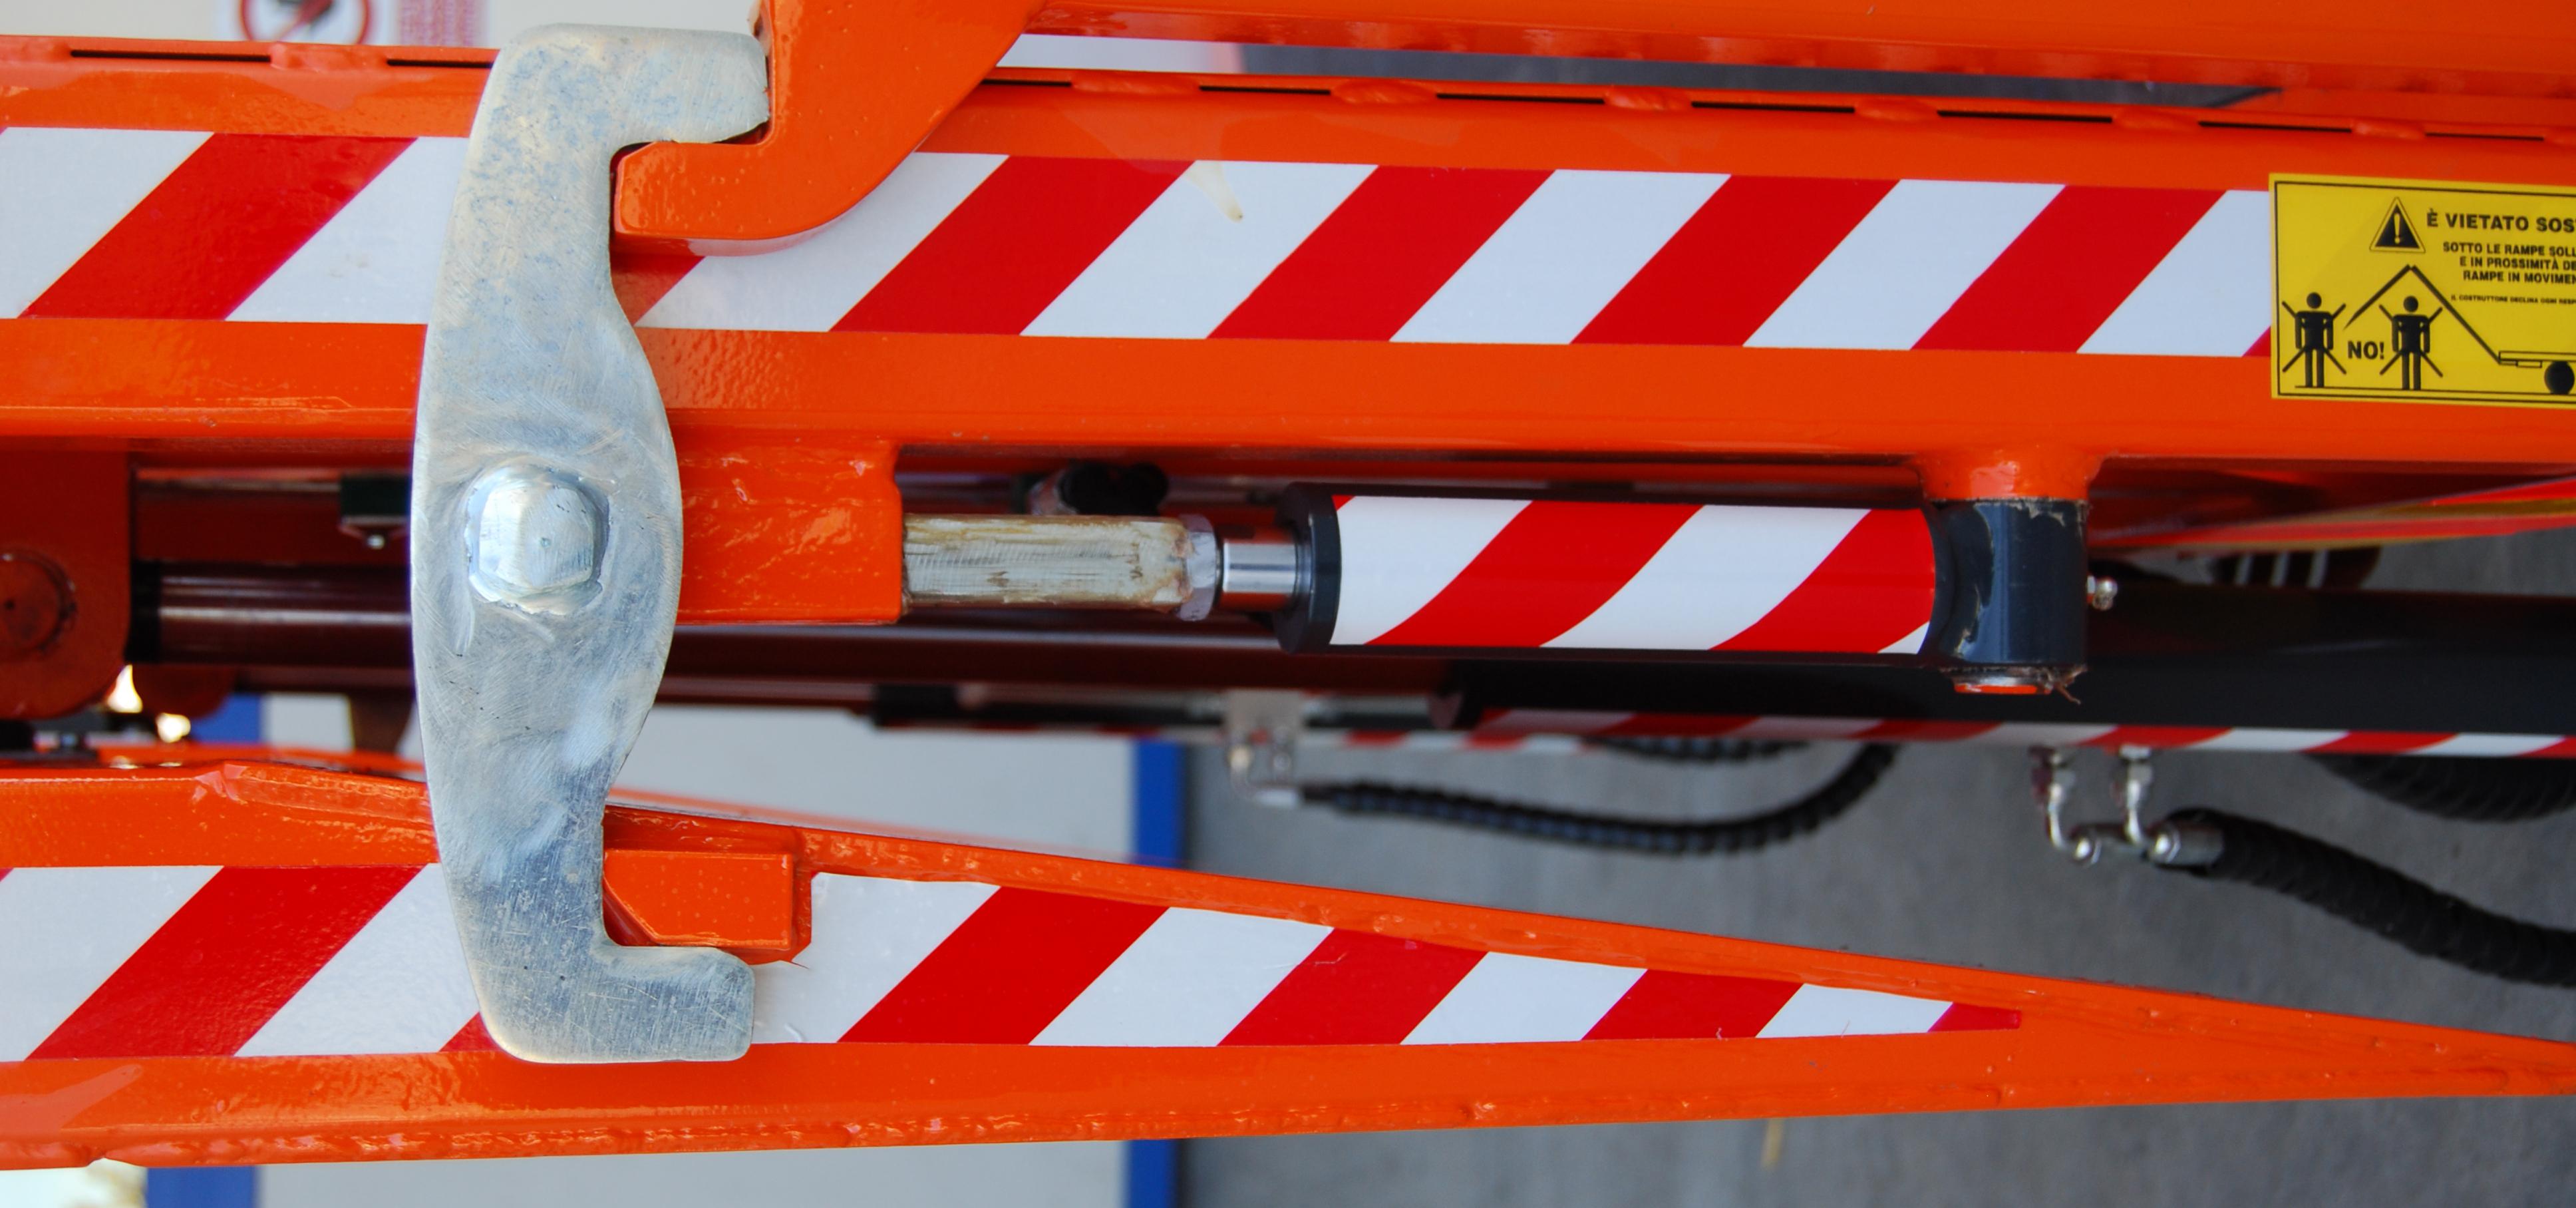 Sicura idraulica rampe di carico allestimento IVECO 120 EL22